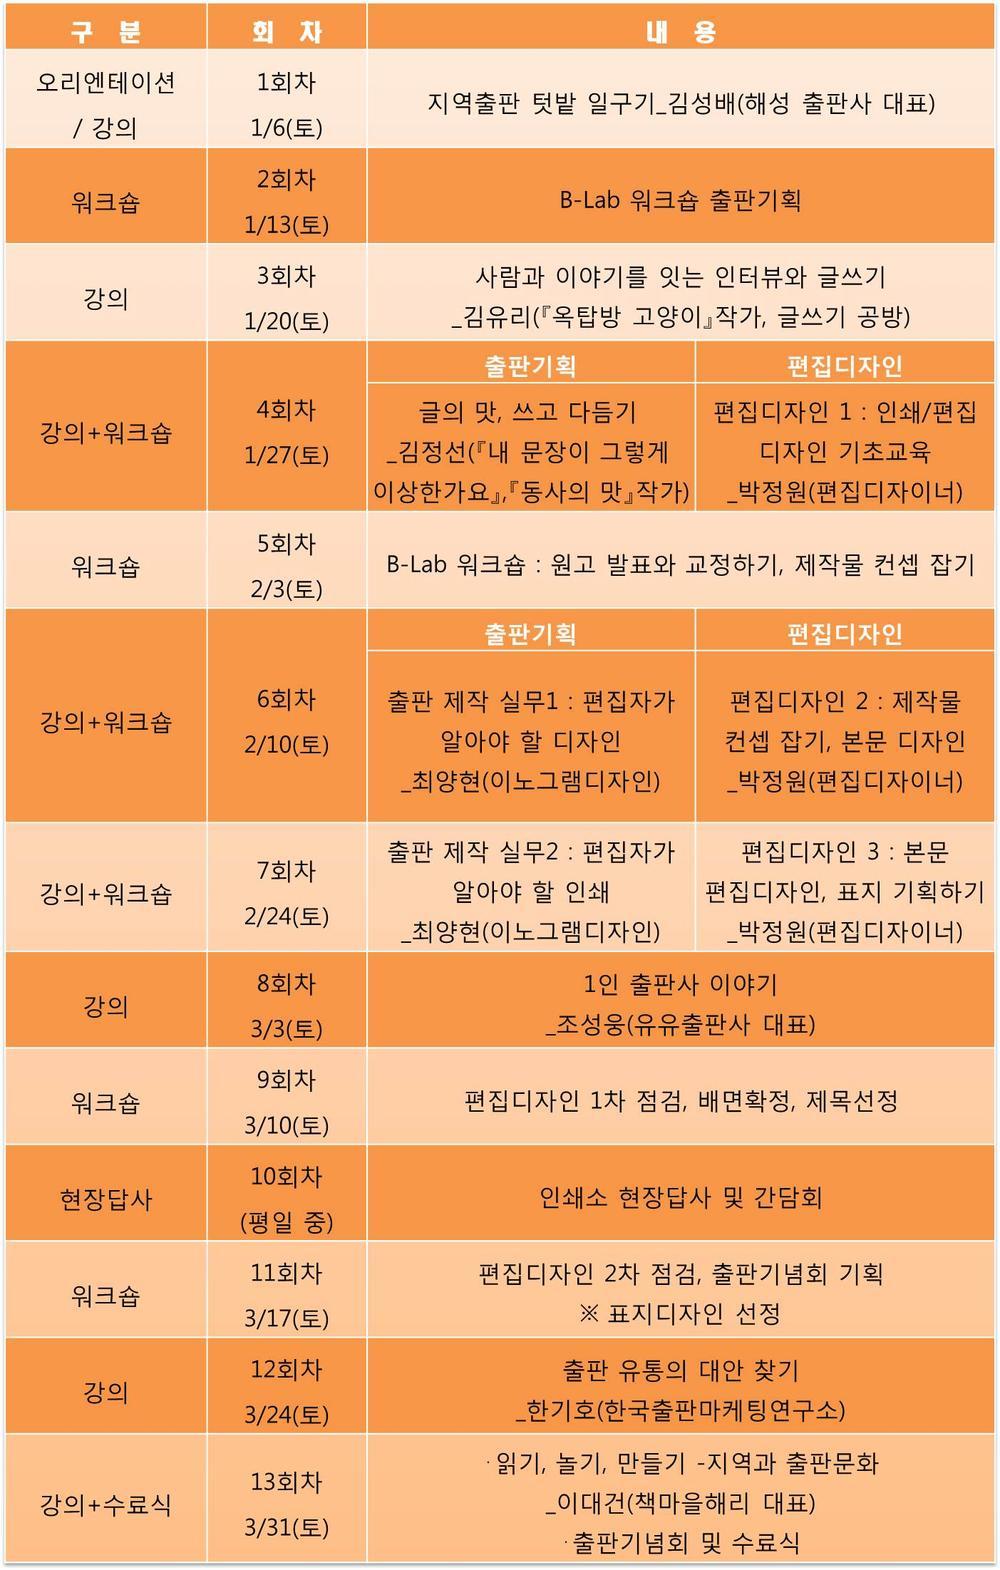 [부산CKL금정교육-모집] 지역출판 워크숍 (B-LAB 시즌2) 과정